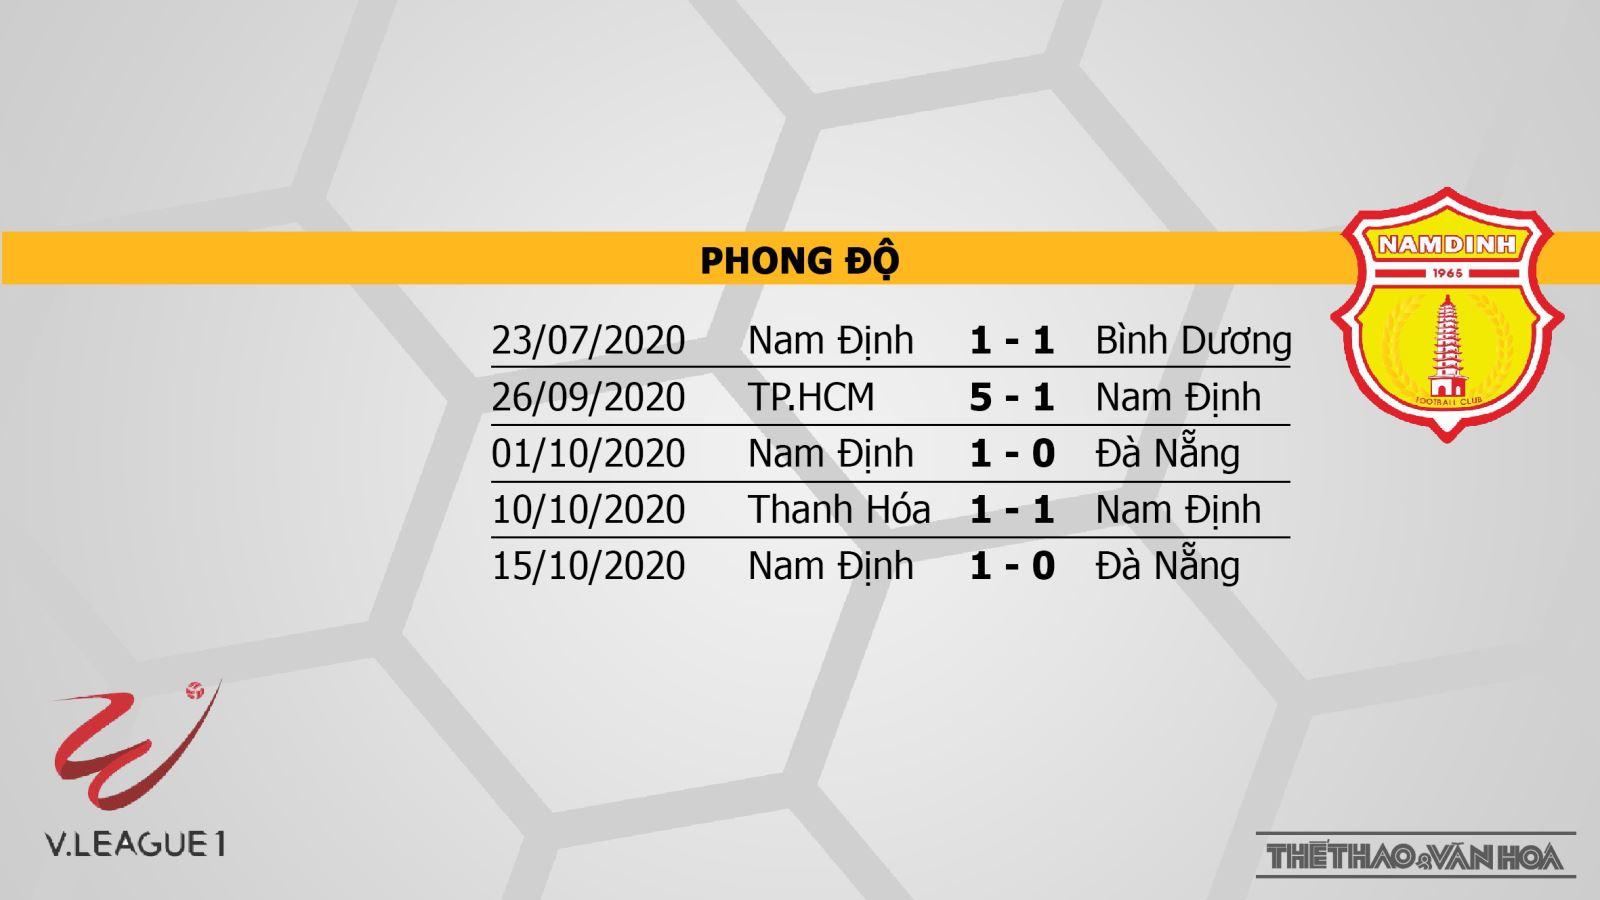 Keo nha cai, kèo nhà cái, Quảng Nam vs Nam Định, trực tiếp bóng đá, trực tiếp V-League 2020, soi kèo nhà cái, soi kèo Quảng Nam đấu với Nam Định, kèo bóng đá, TTTV